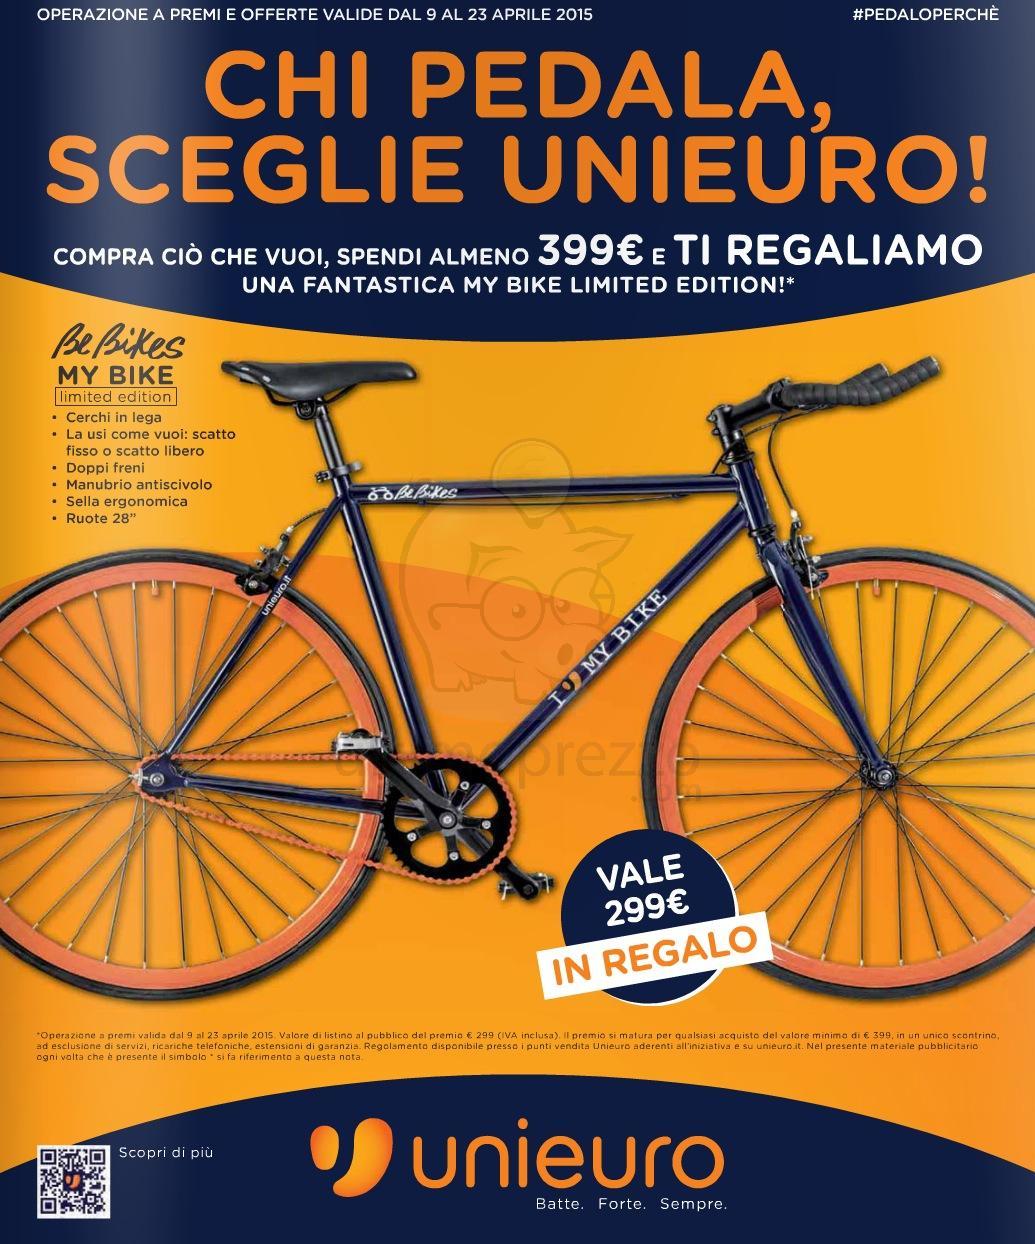 La promozione #pedaloperché